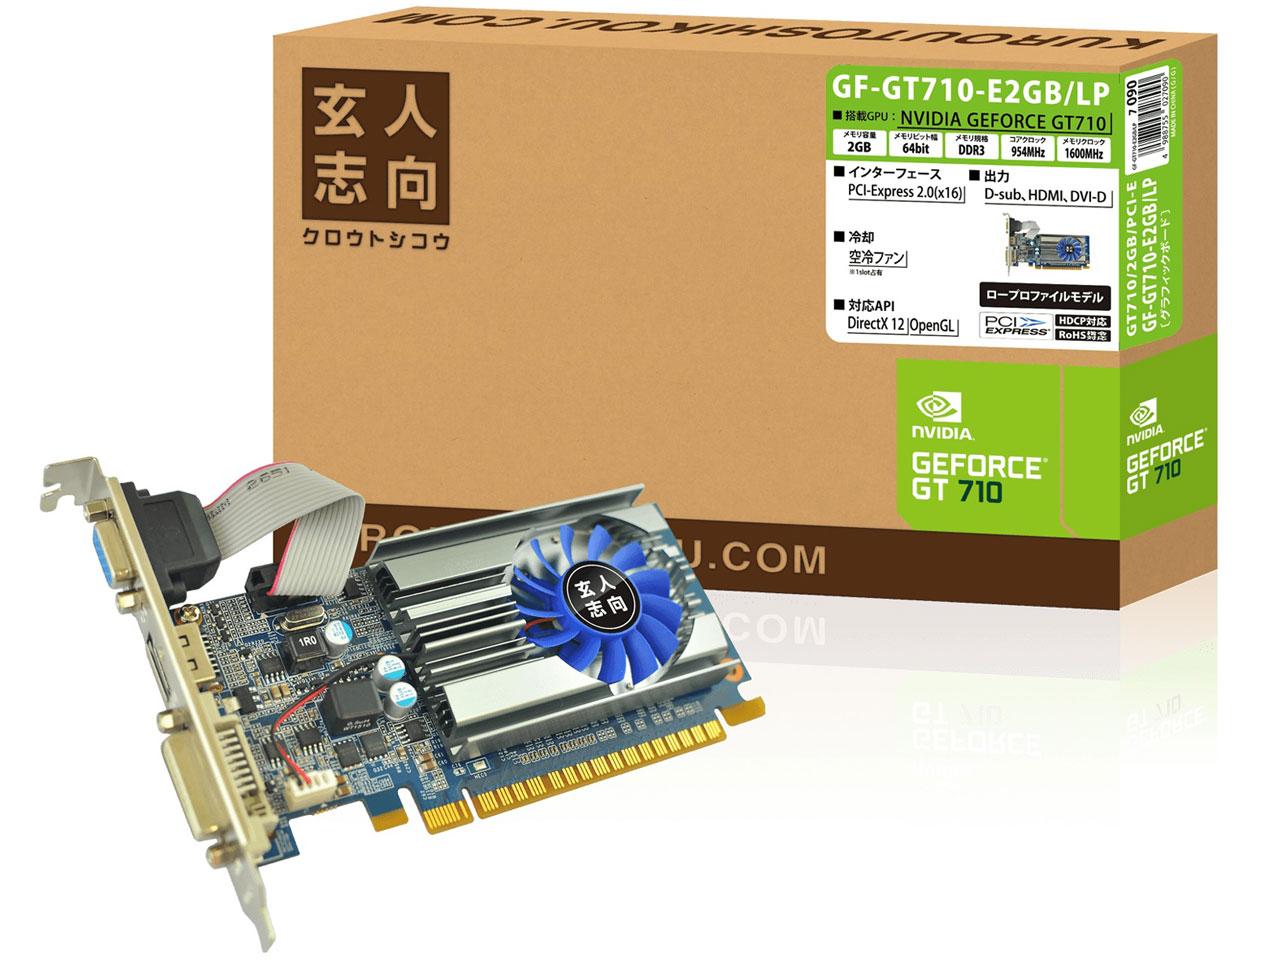 GF-GT710-E2GB/LP [PCIExp 2GB] の製品画像